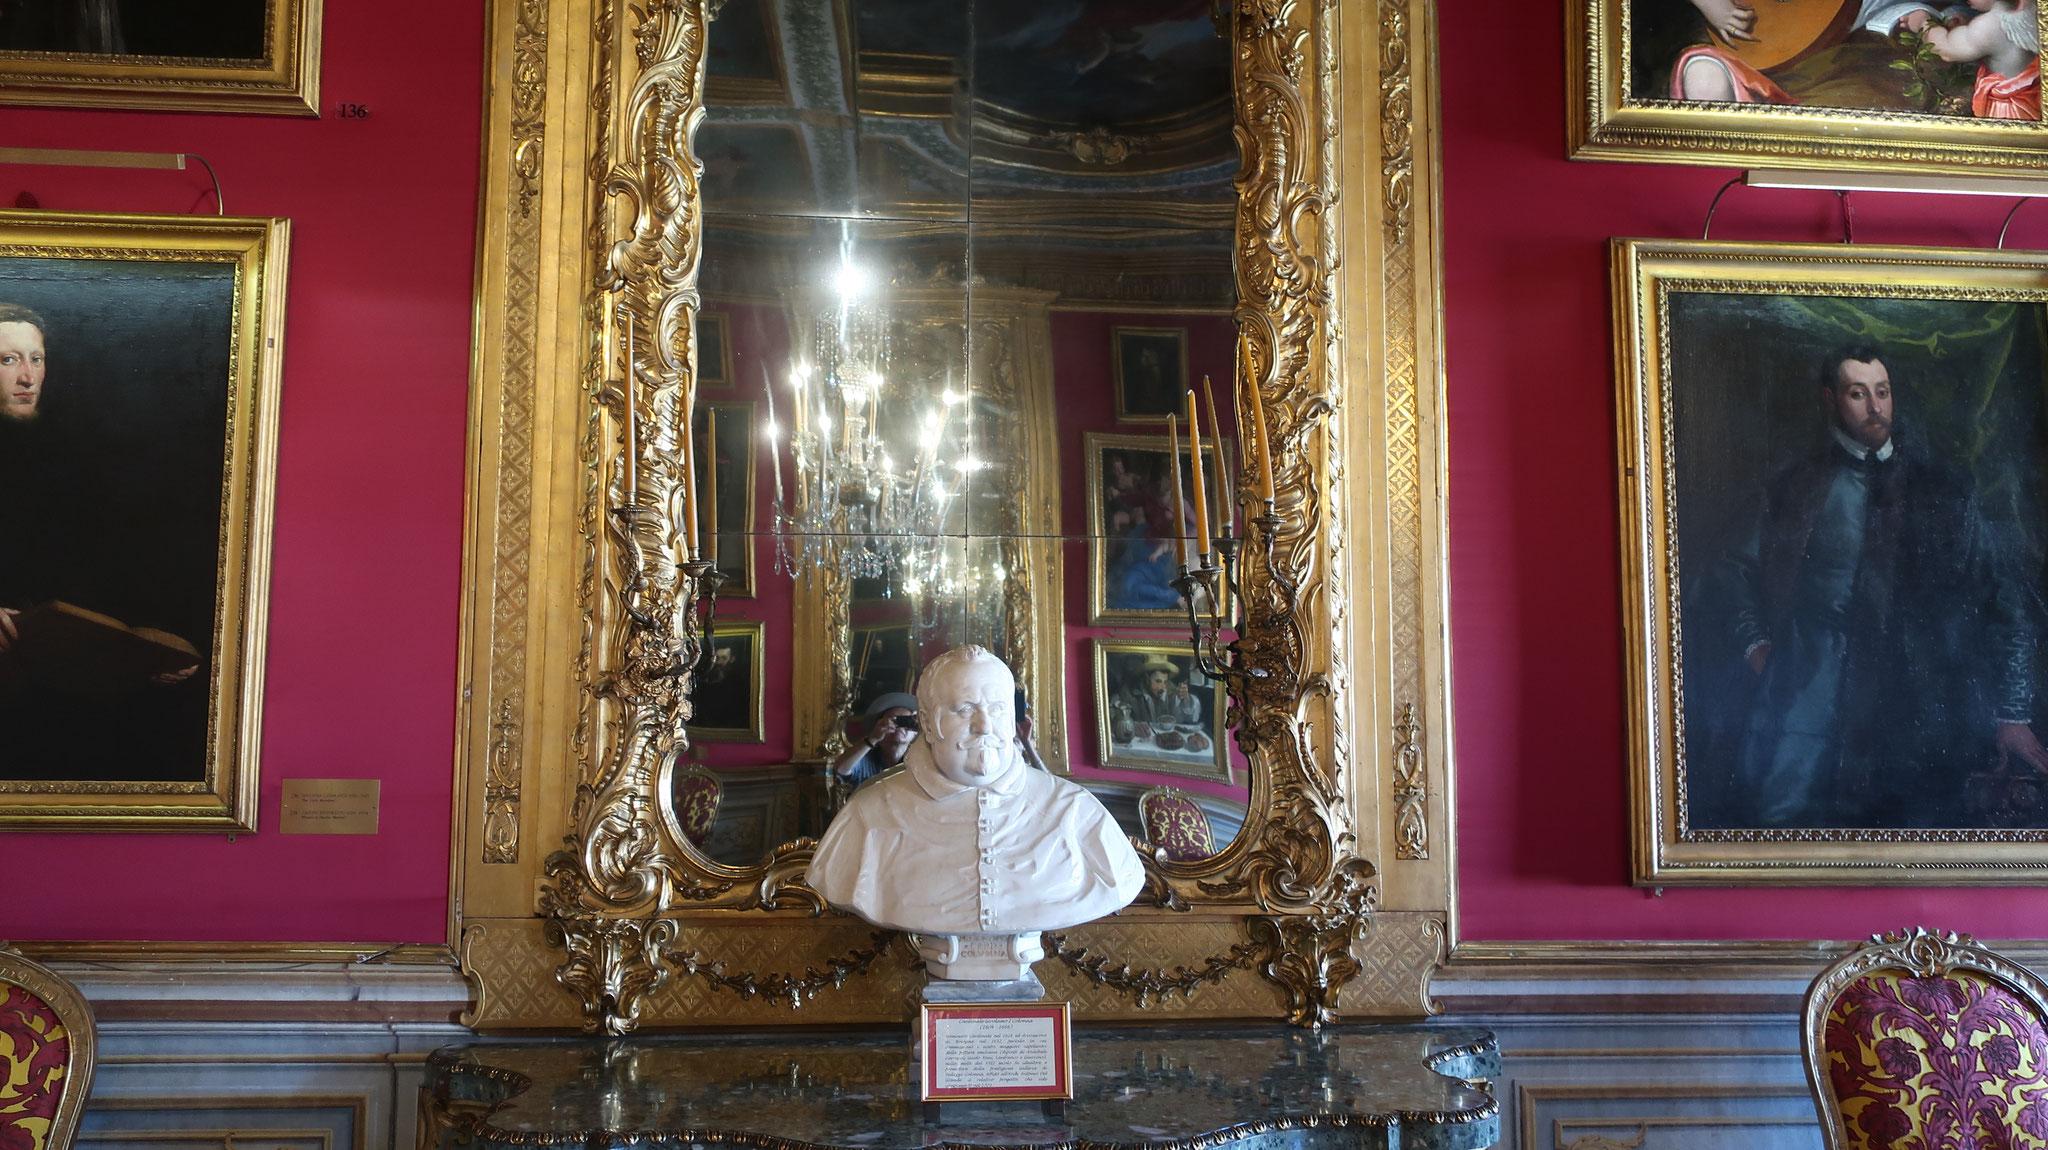 カルディナーレ・ジロラモ・コロンナ1世の胸像